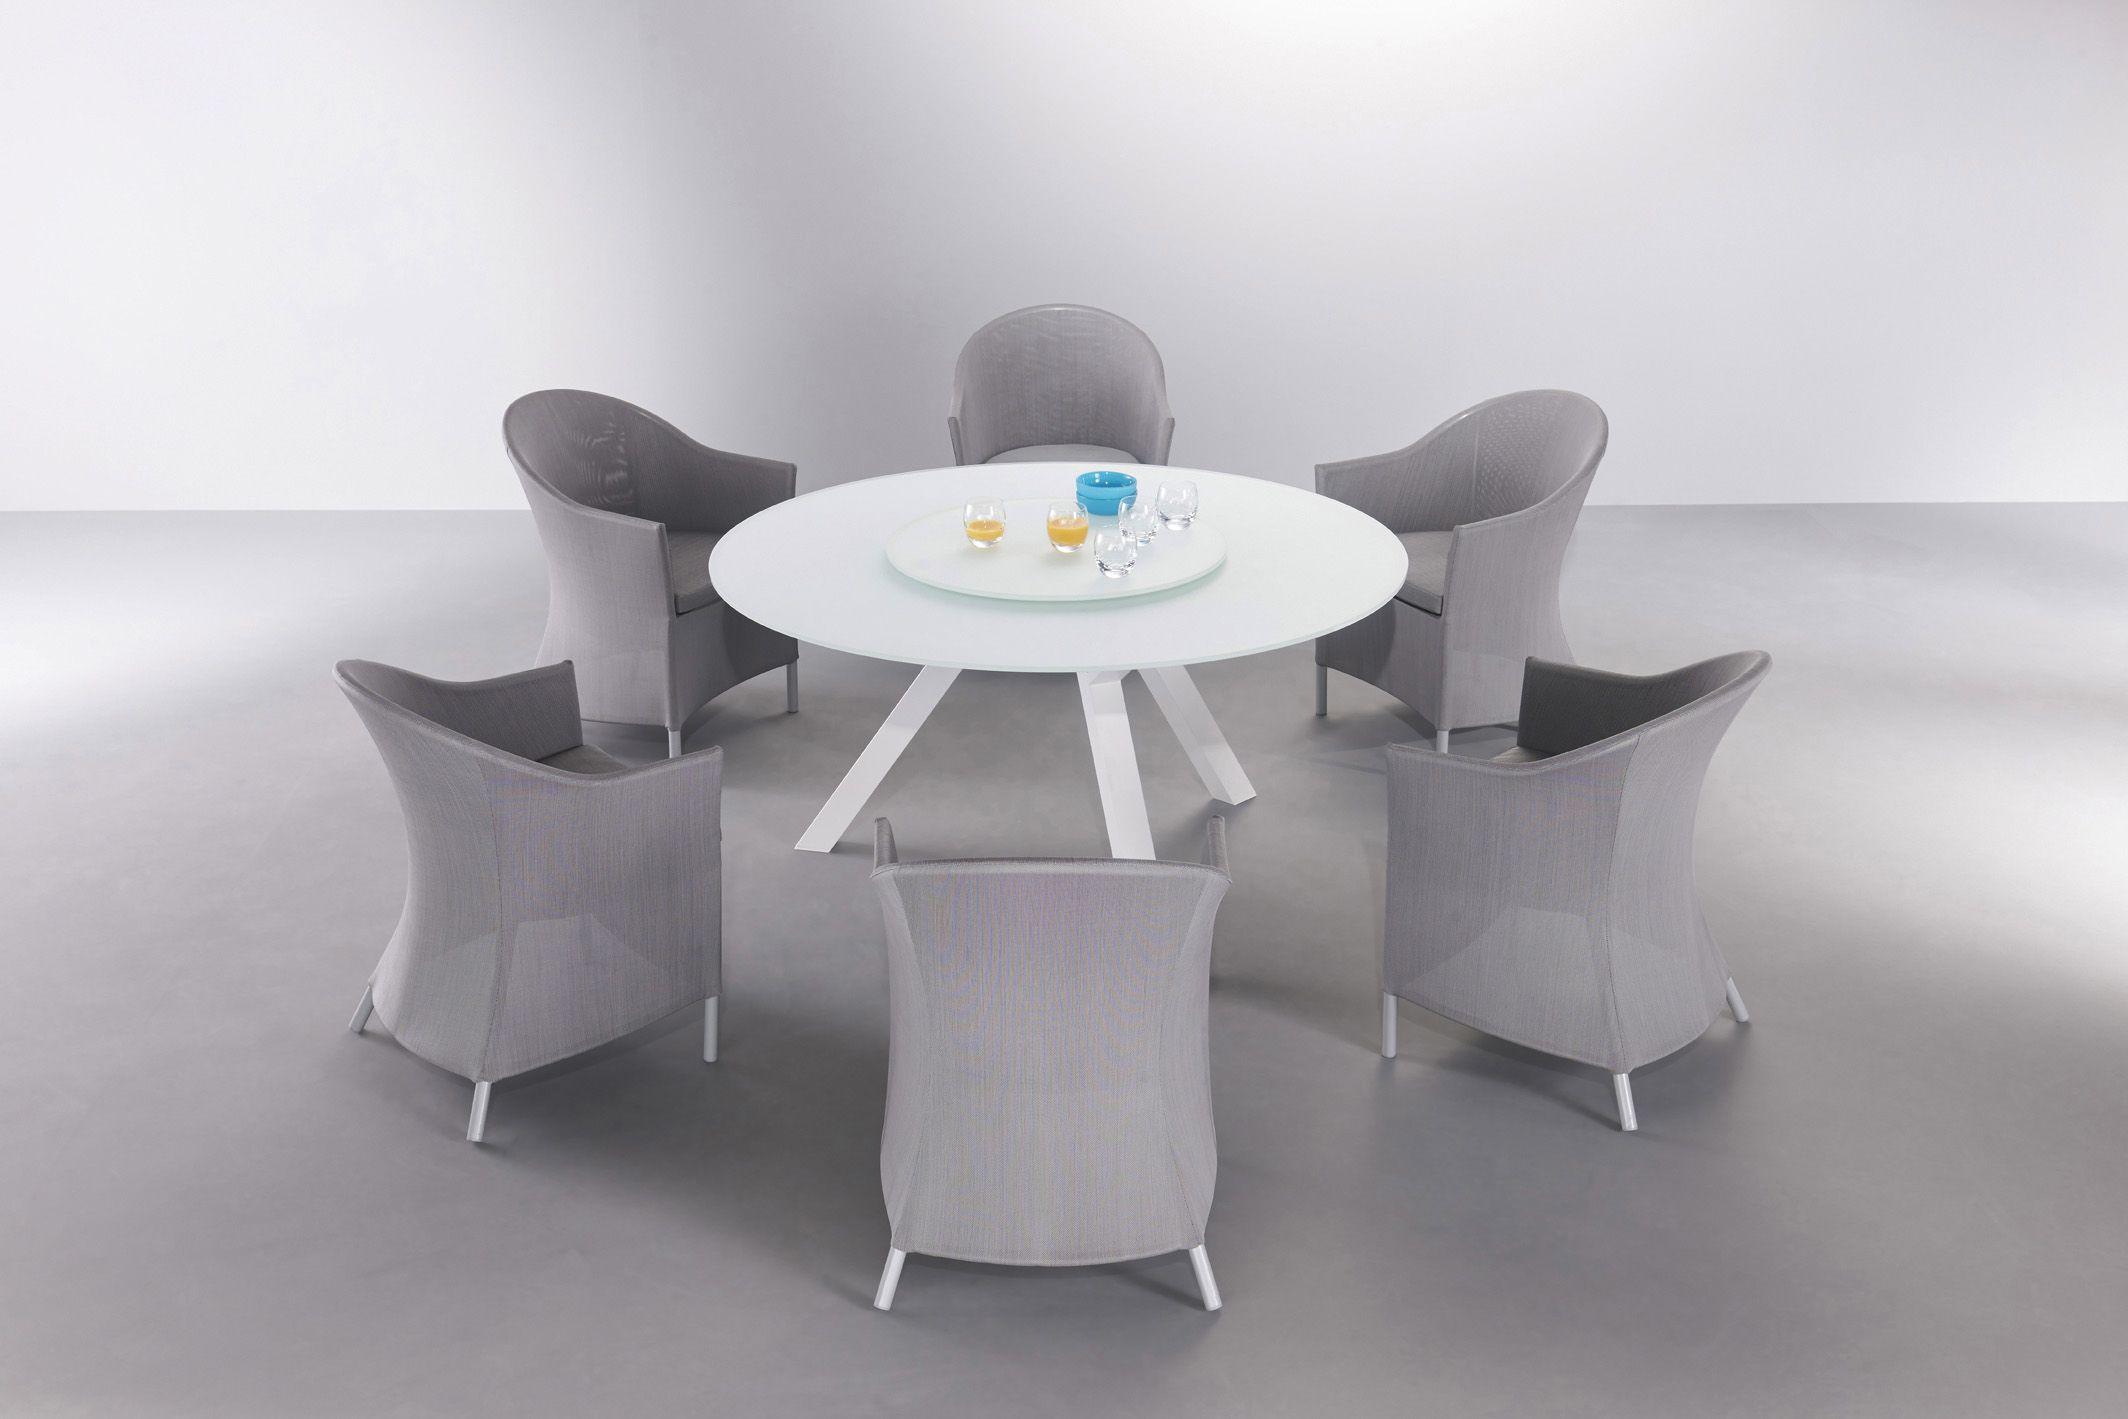 e5045aef9ebcb68eb2799173bd4db937 Frais De Table Aluminium Jardin Concept